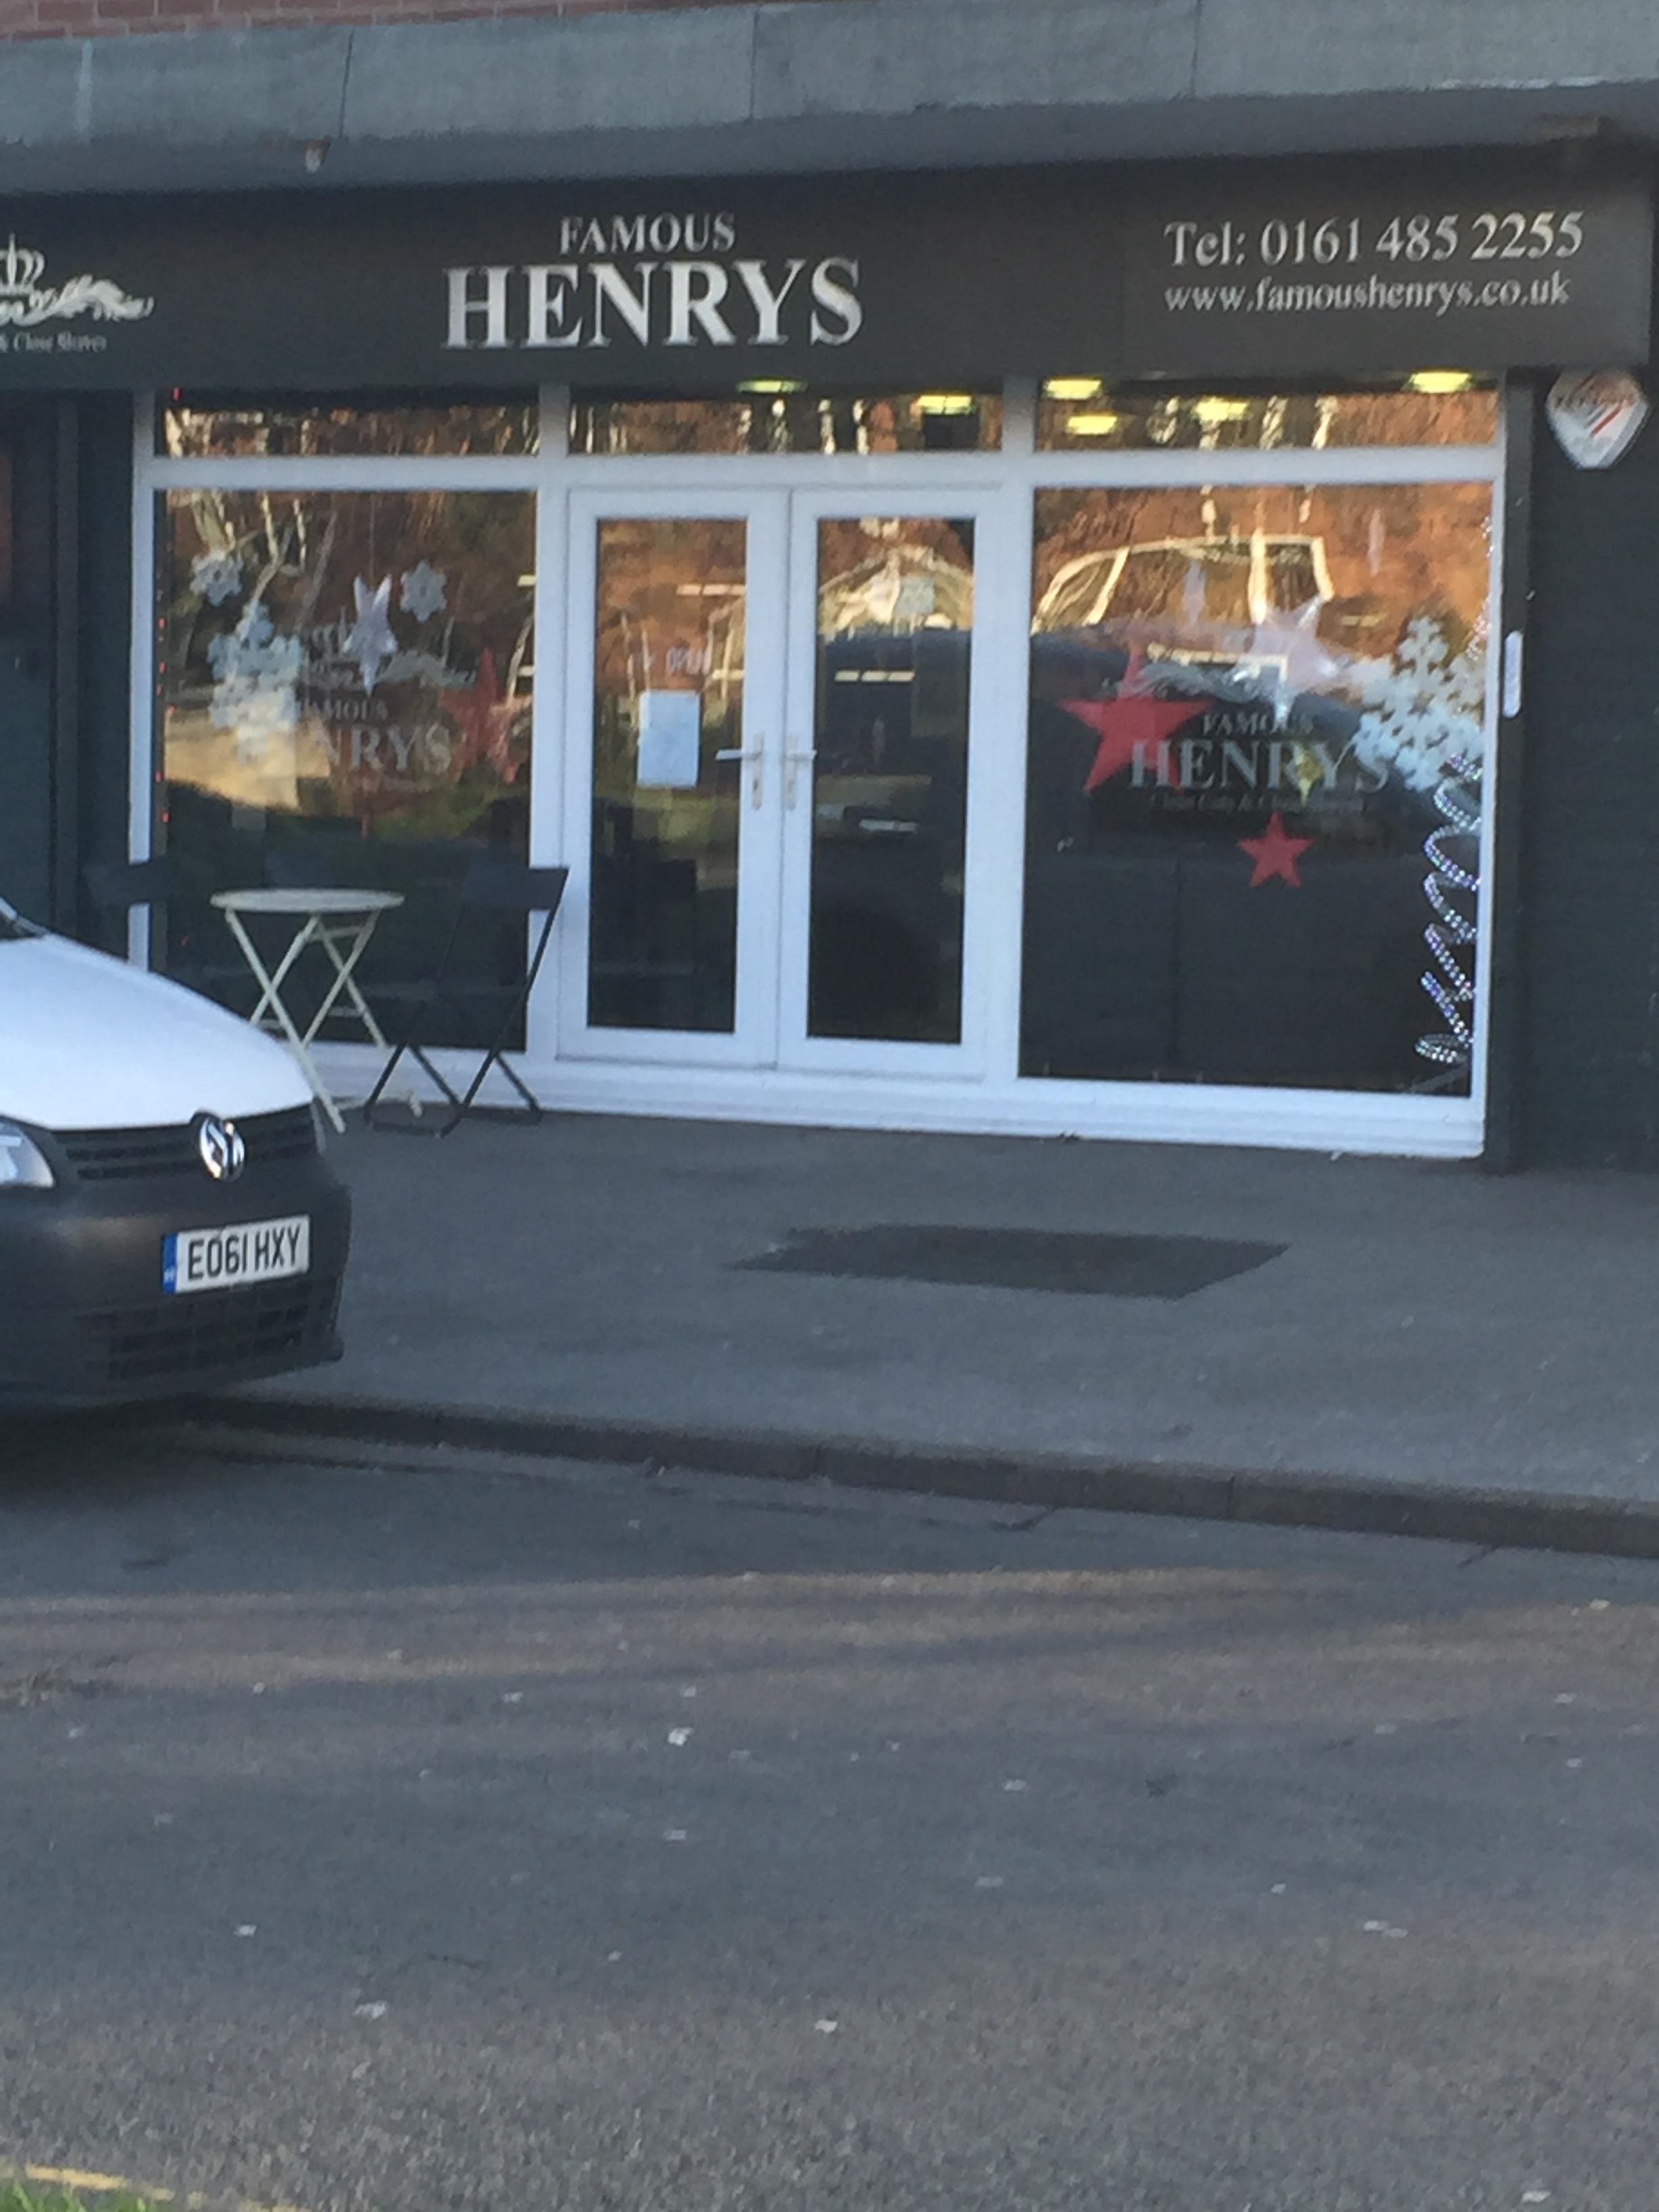 Famous Henrys